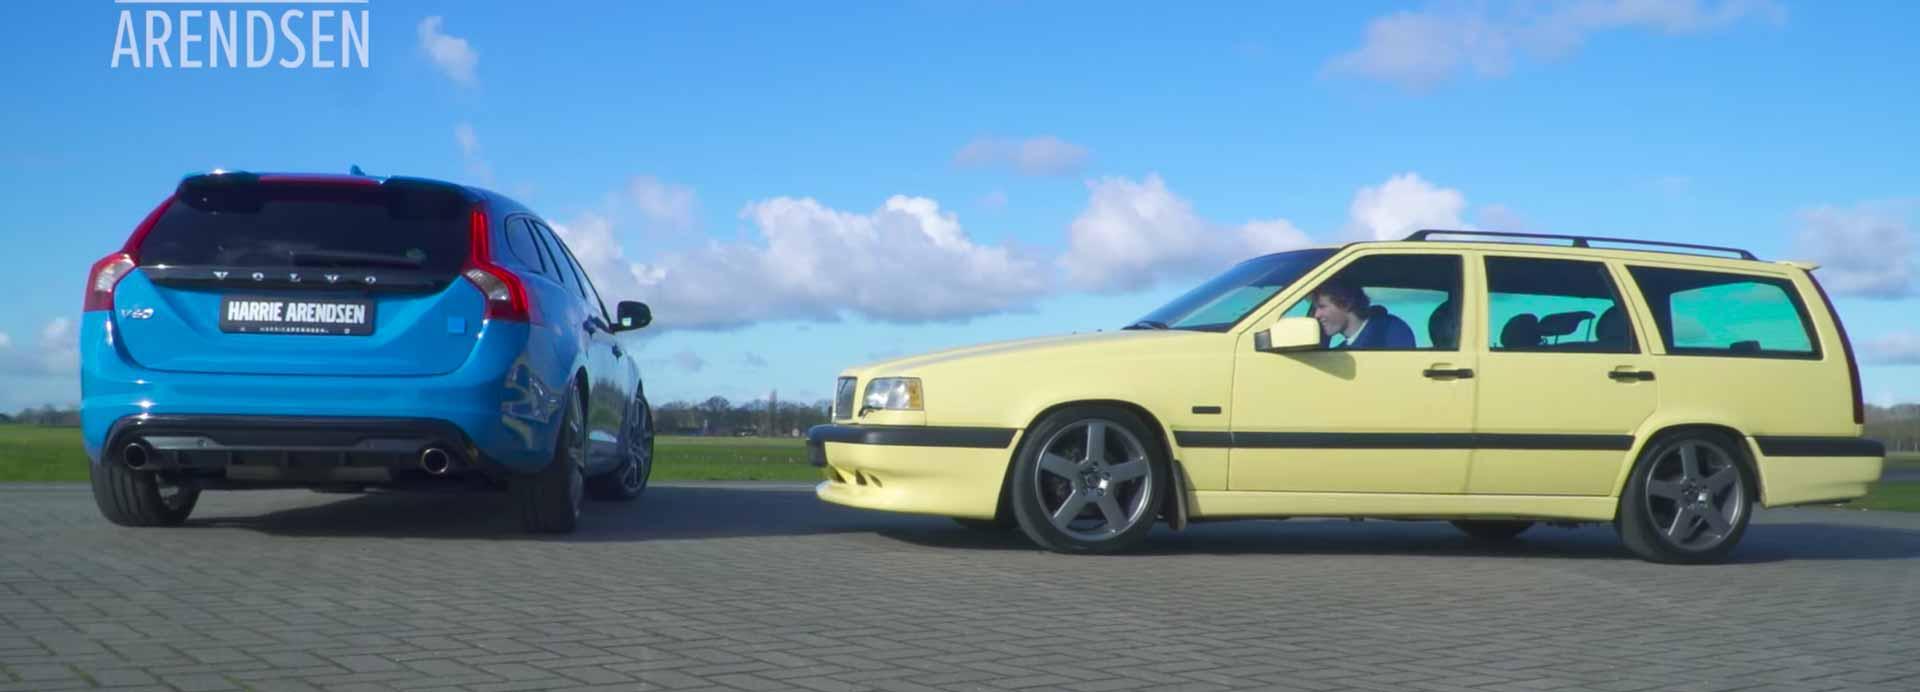 V60 Polestar Vs. Volvo 850 T5r -